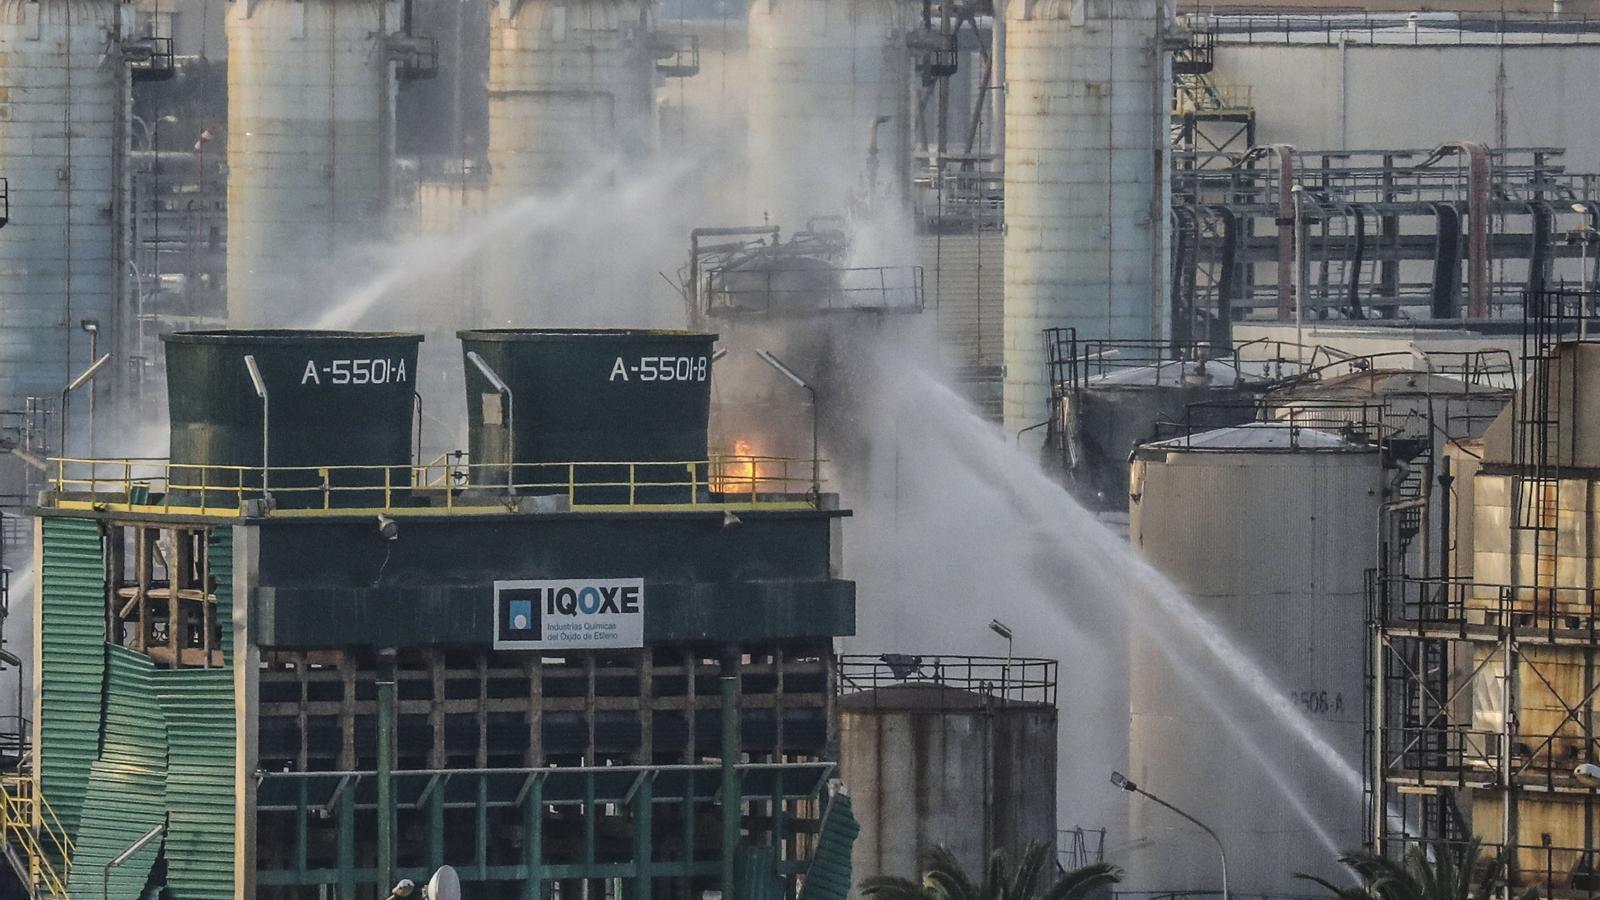 Treball obre un nou expedient a Iqoxe per haver reprès l'activitat després de l'explosió sense avaluar riscos